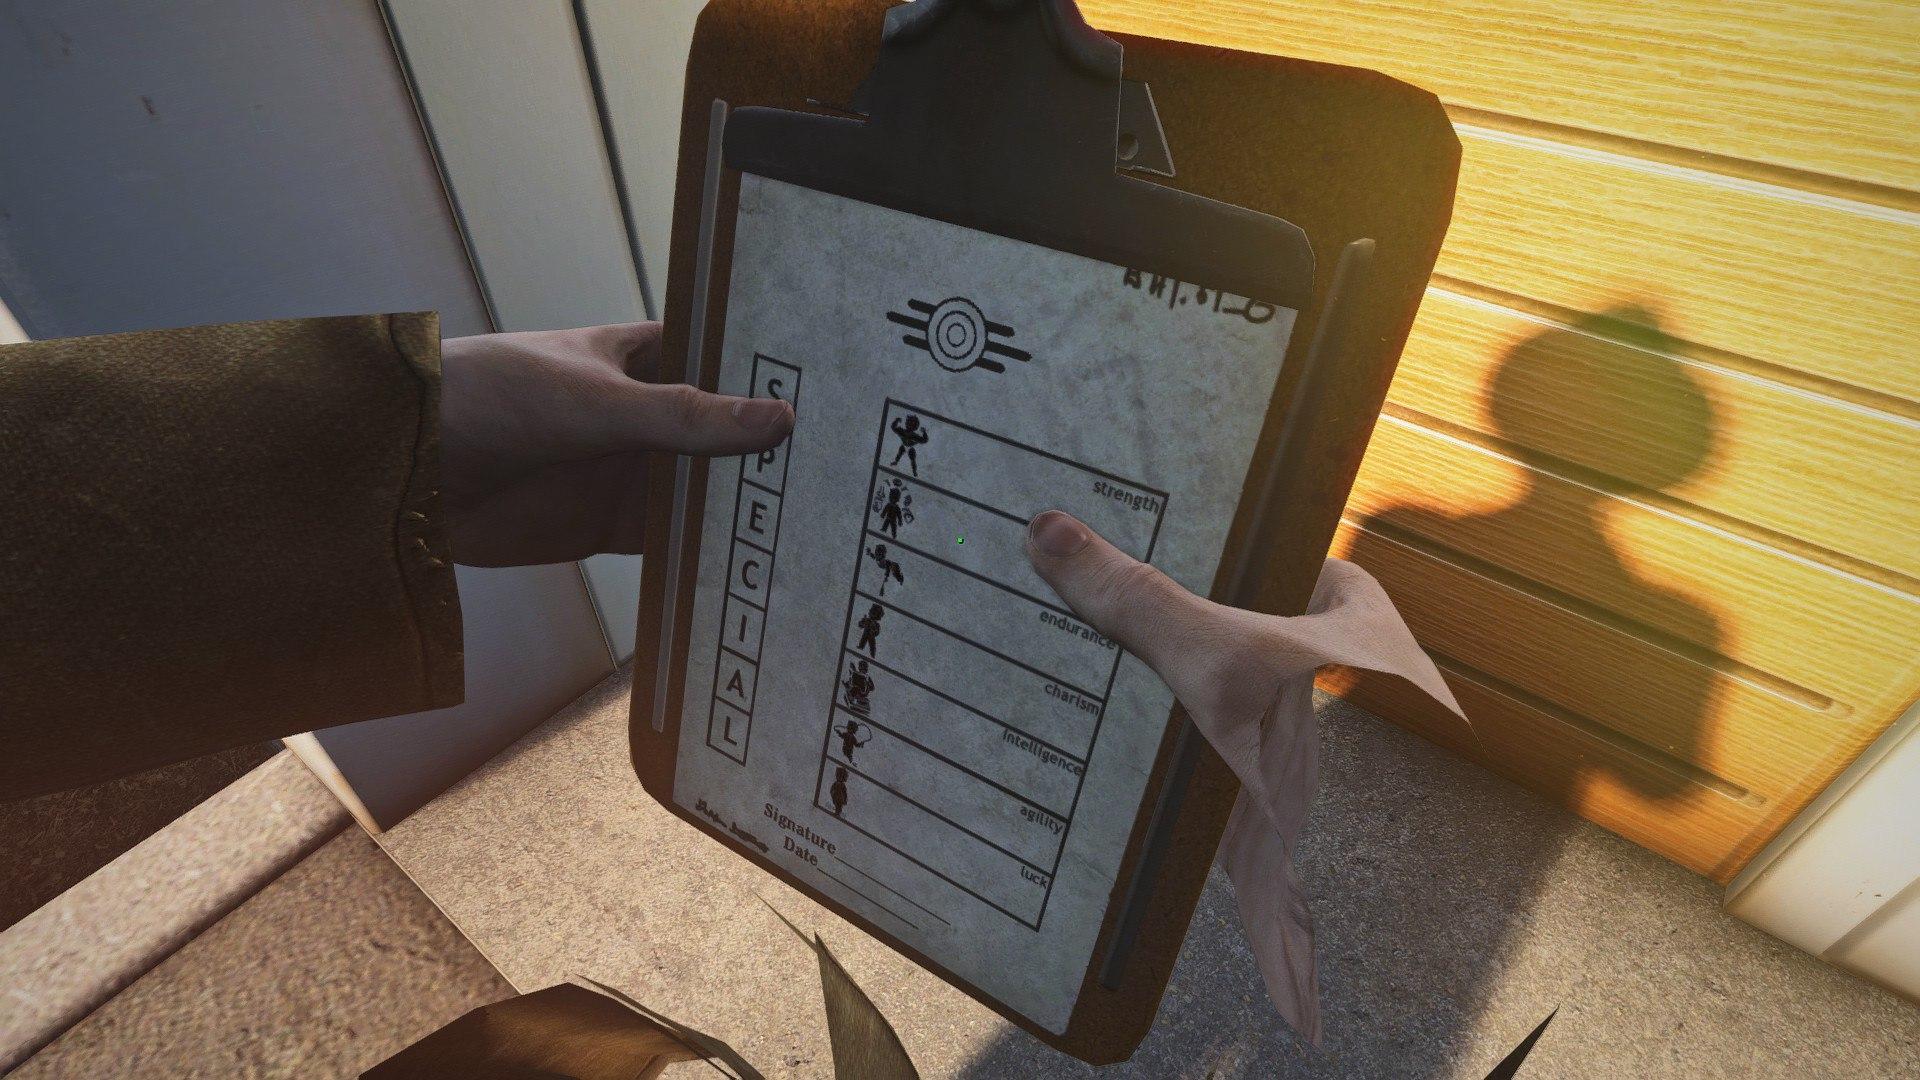 Вот чту у представителя Vault-Tec на планшете.